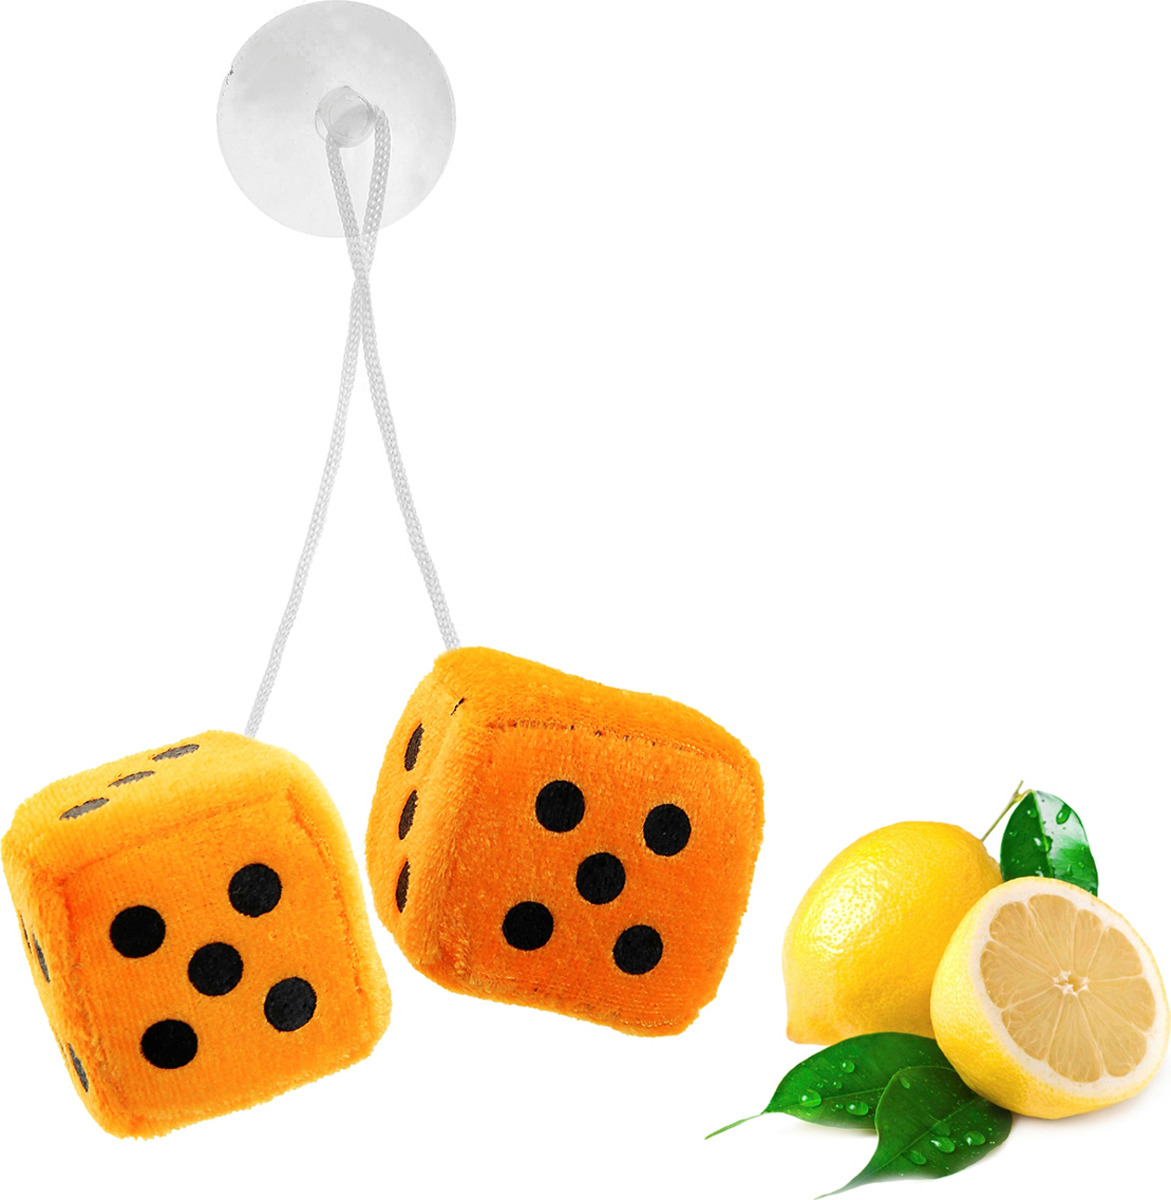 Ароматизатор автомобильный Luazon Кости, лимон, под сиденье, 805617, оранжевый805617Яркости в серые городские будни и скучную езду по пробкам добавит ароматизатор. Это забавная линейка освежителей, в которой сочетаются эксклюзивный дизайн и приятный аромат. Если у вас нет автомобиля — не беда! Повесьте ароматизатор дома или на работе и наслаждайтесь чудесным благоуханием.